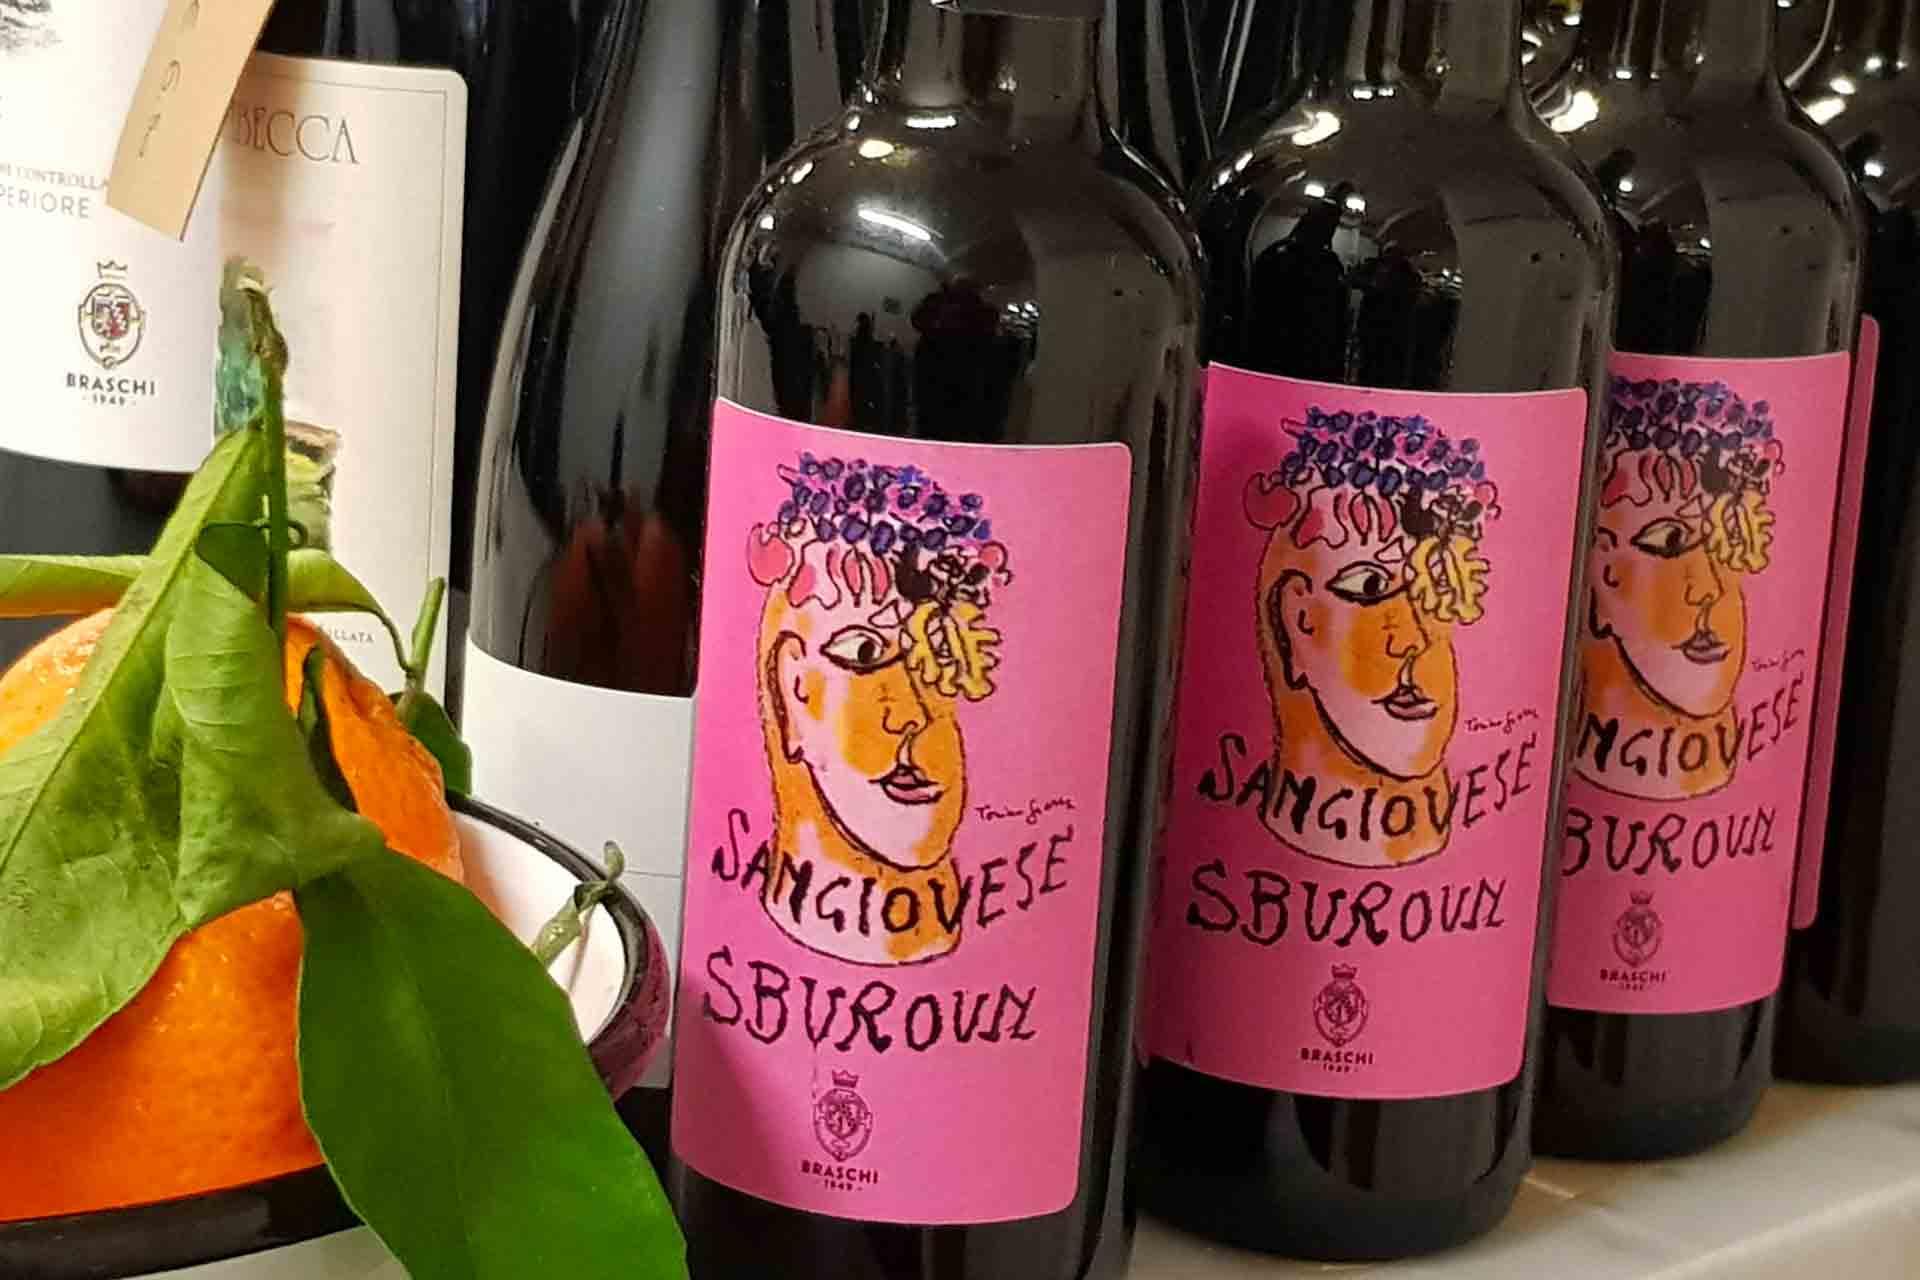 vino sangiovese, emilia romagna